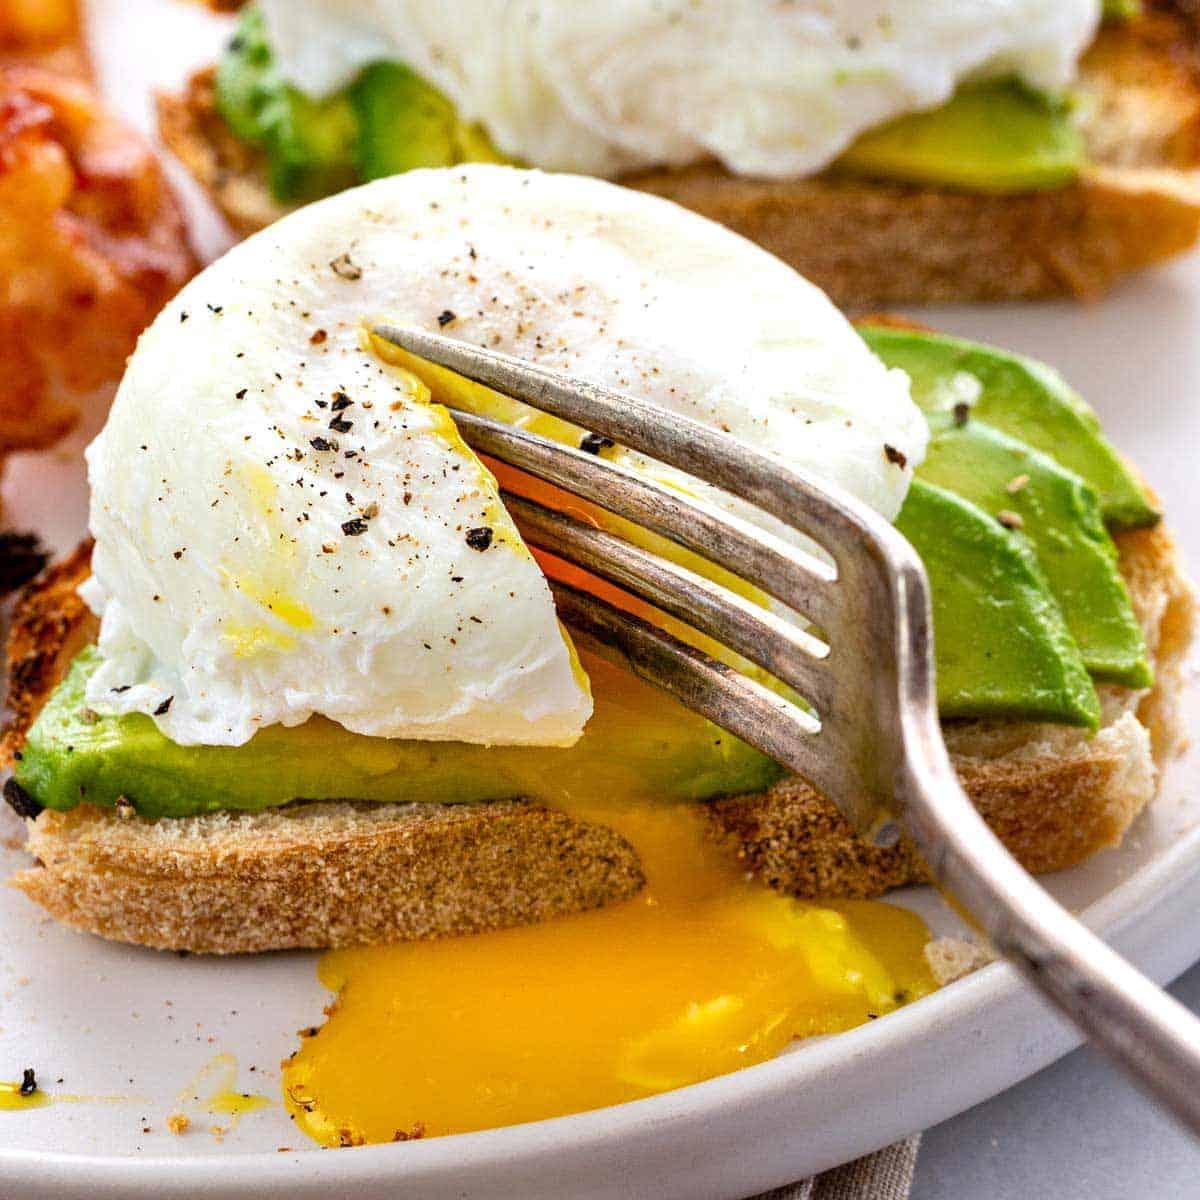 Hasil gambar untuk poach egg